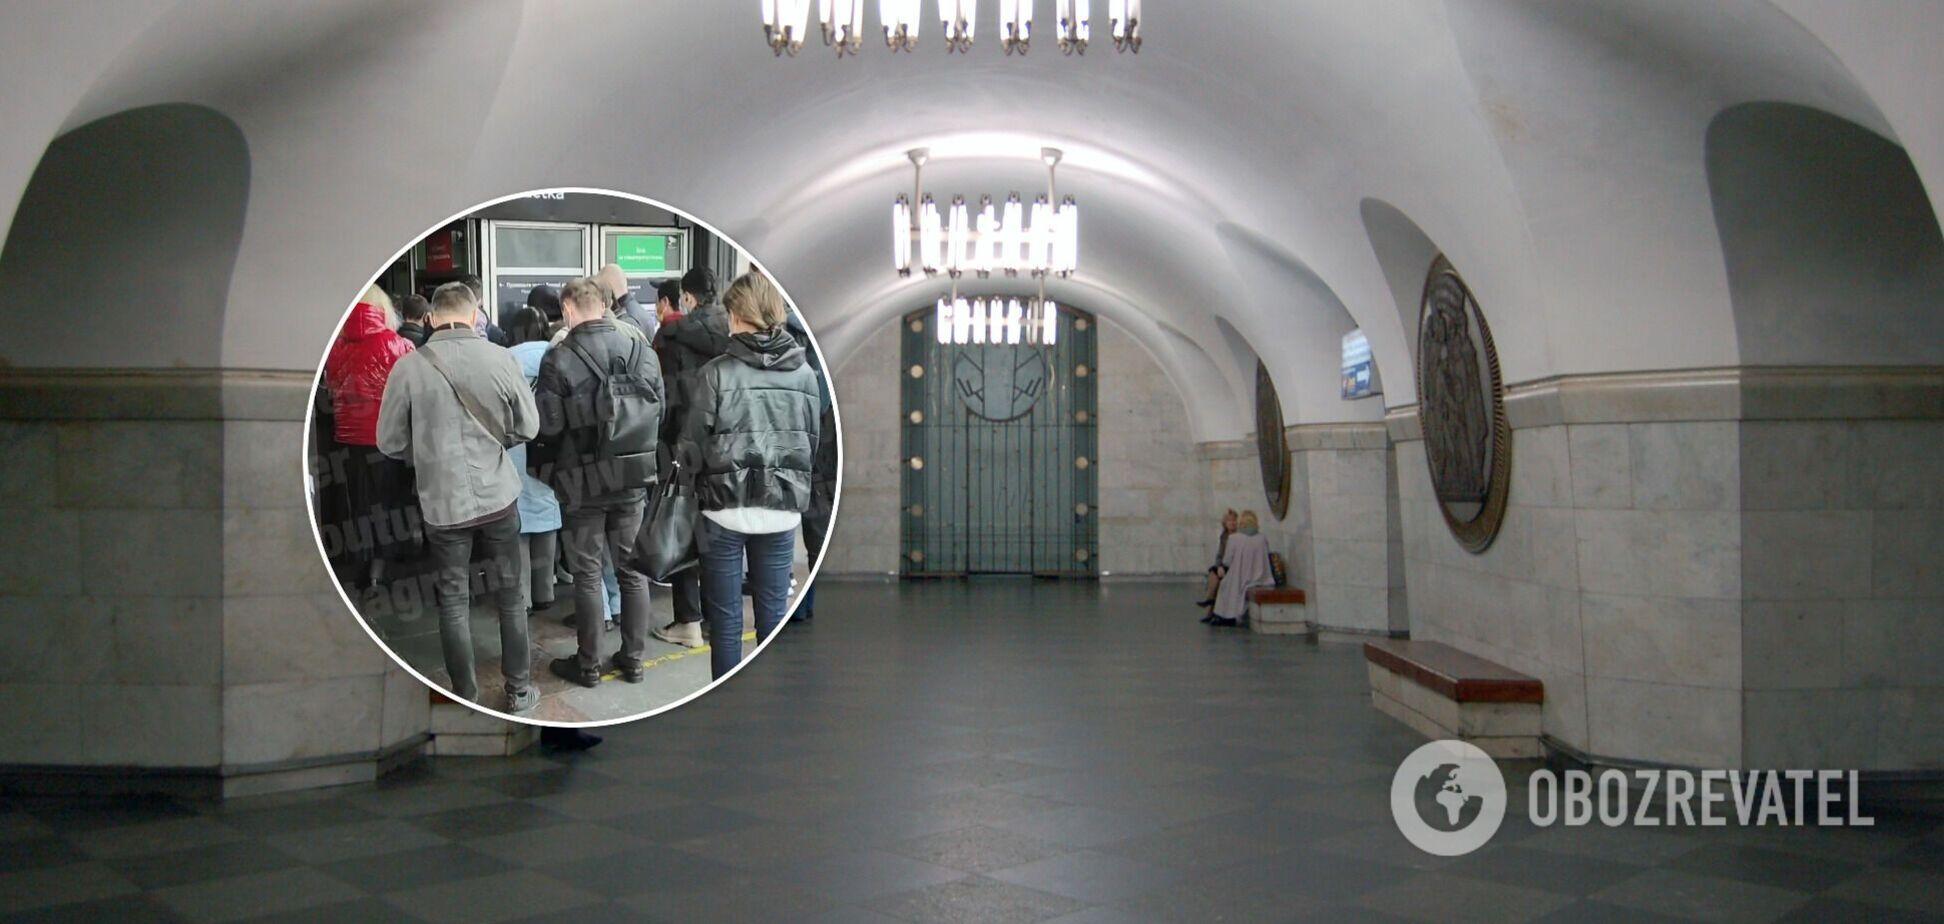 Для пассажиров были открыты только одни двери